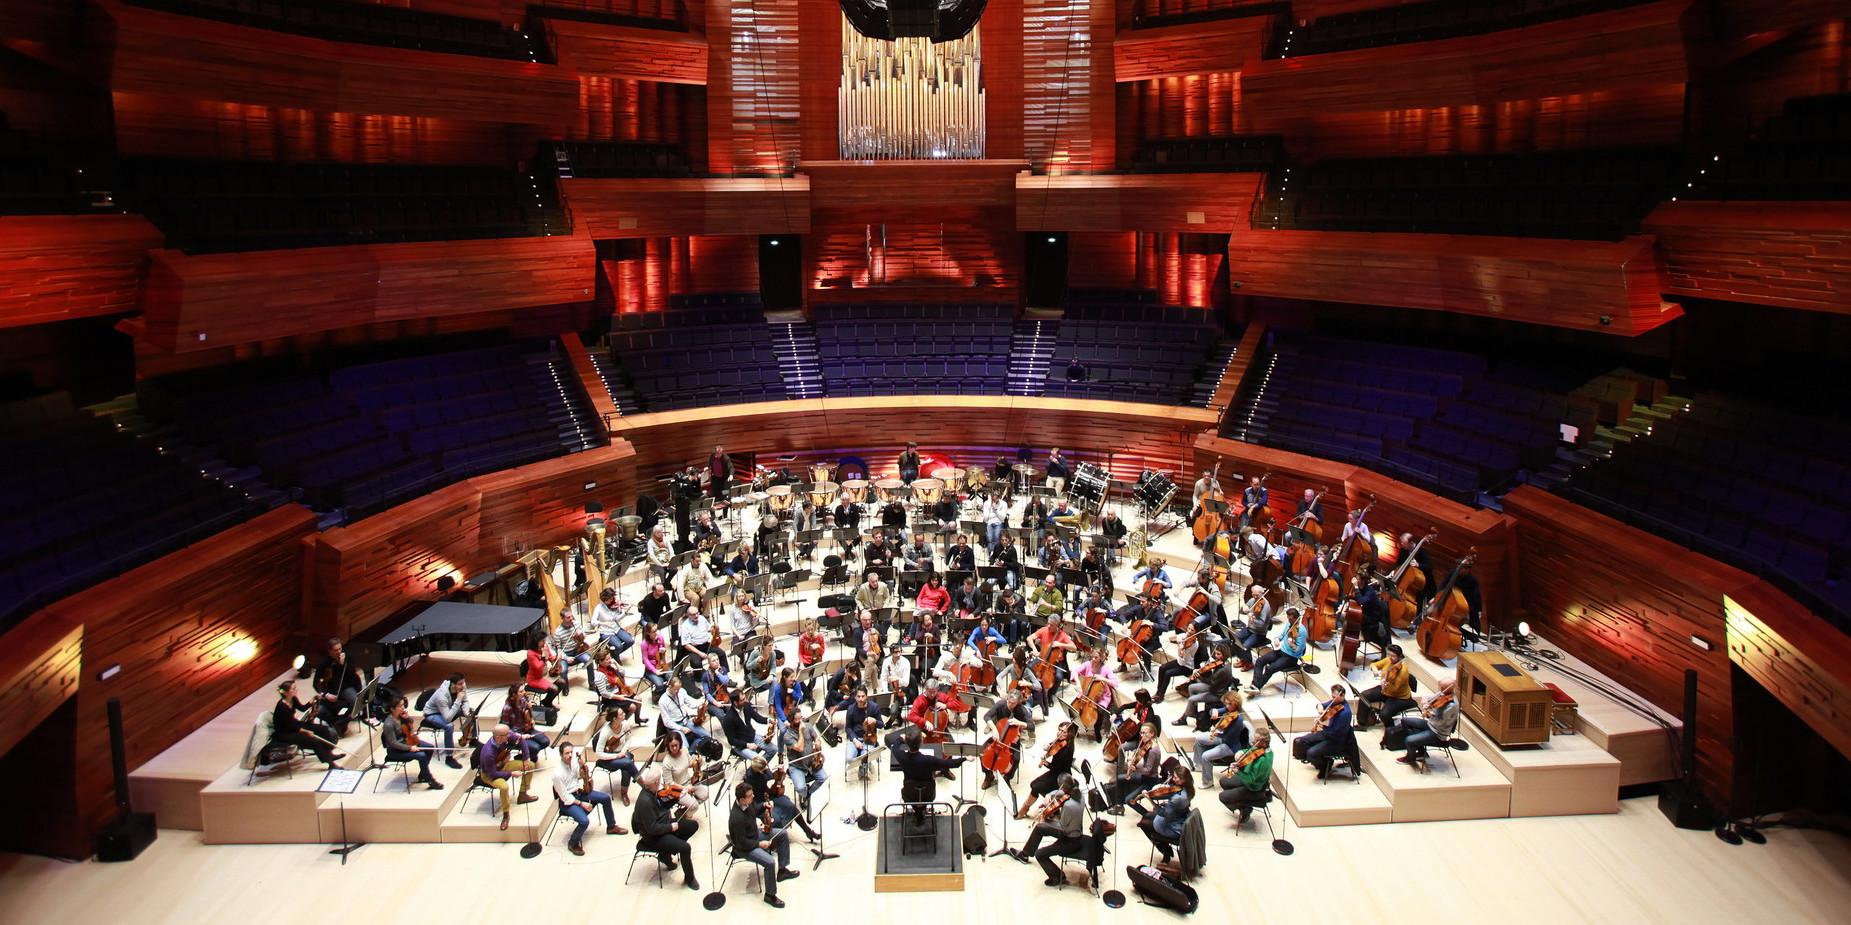 Orchestre philharmonique de Radio France 2020